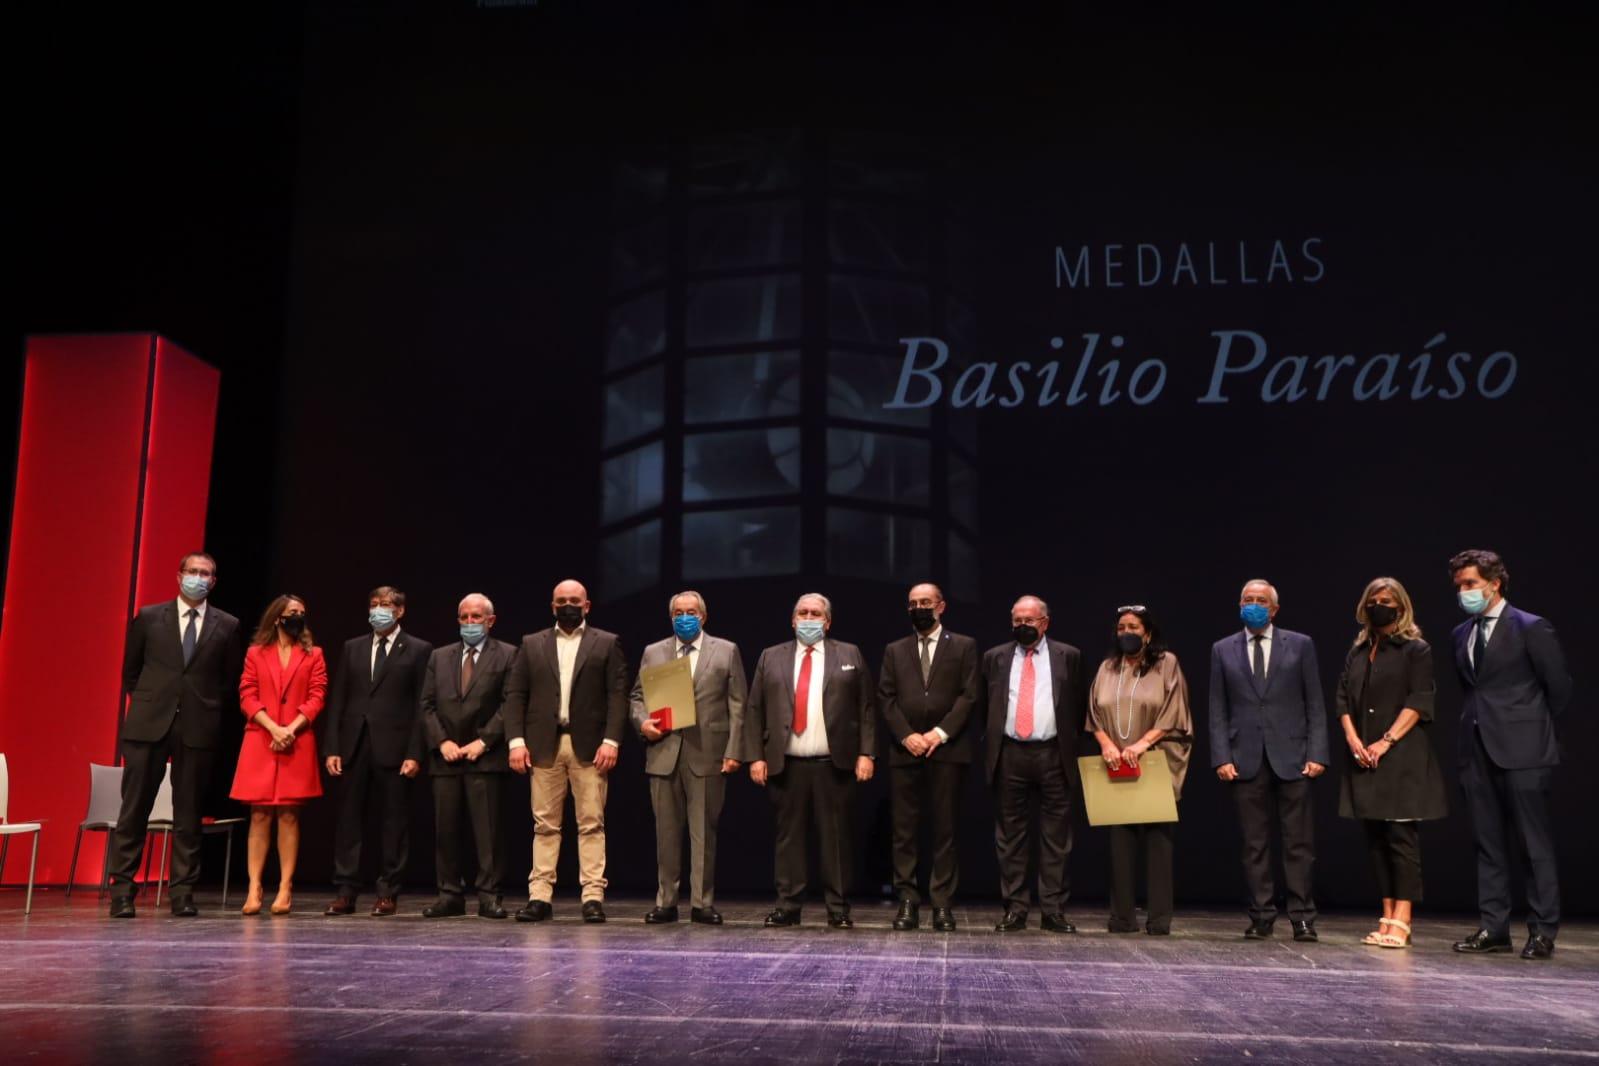 José Longás, Miguel Carreras, Vicente Salas y Francisco Nácher, Medallas Basilio Paraíso